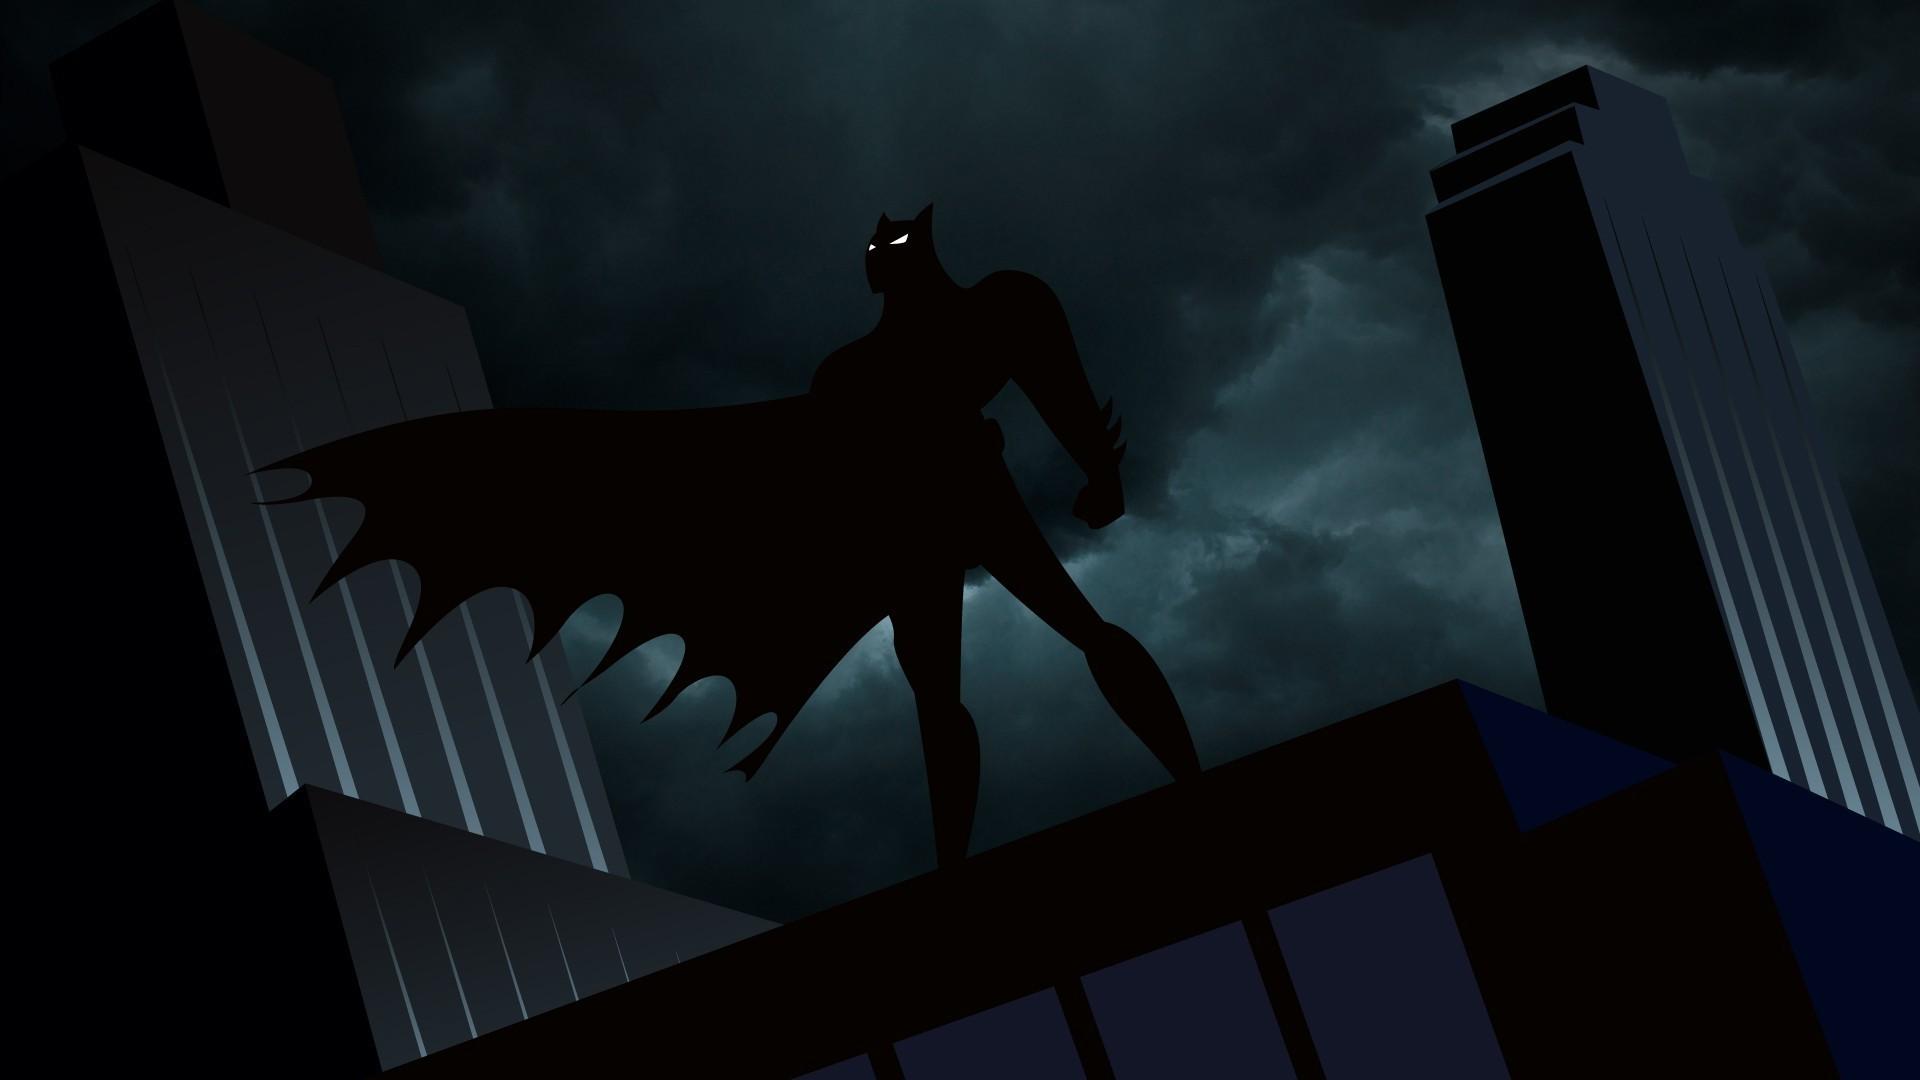 Batman tv series wallpaper 66 images - Batman wallpaper cartoon ...